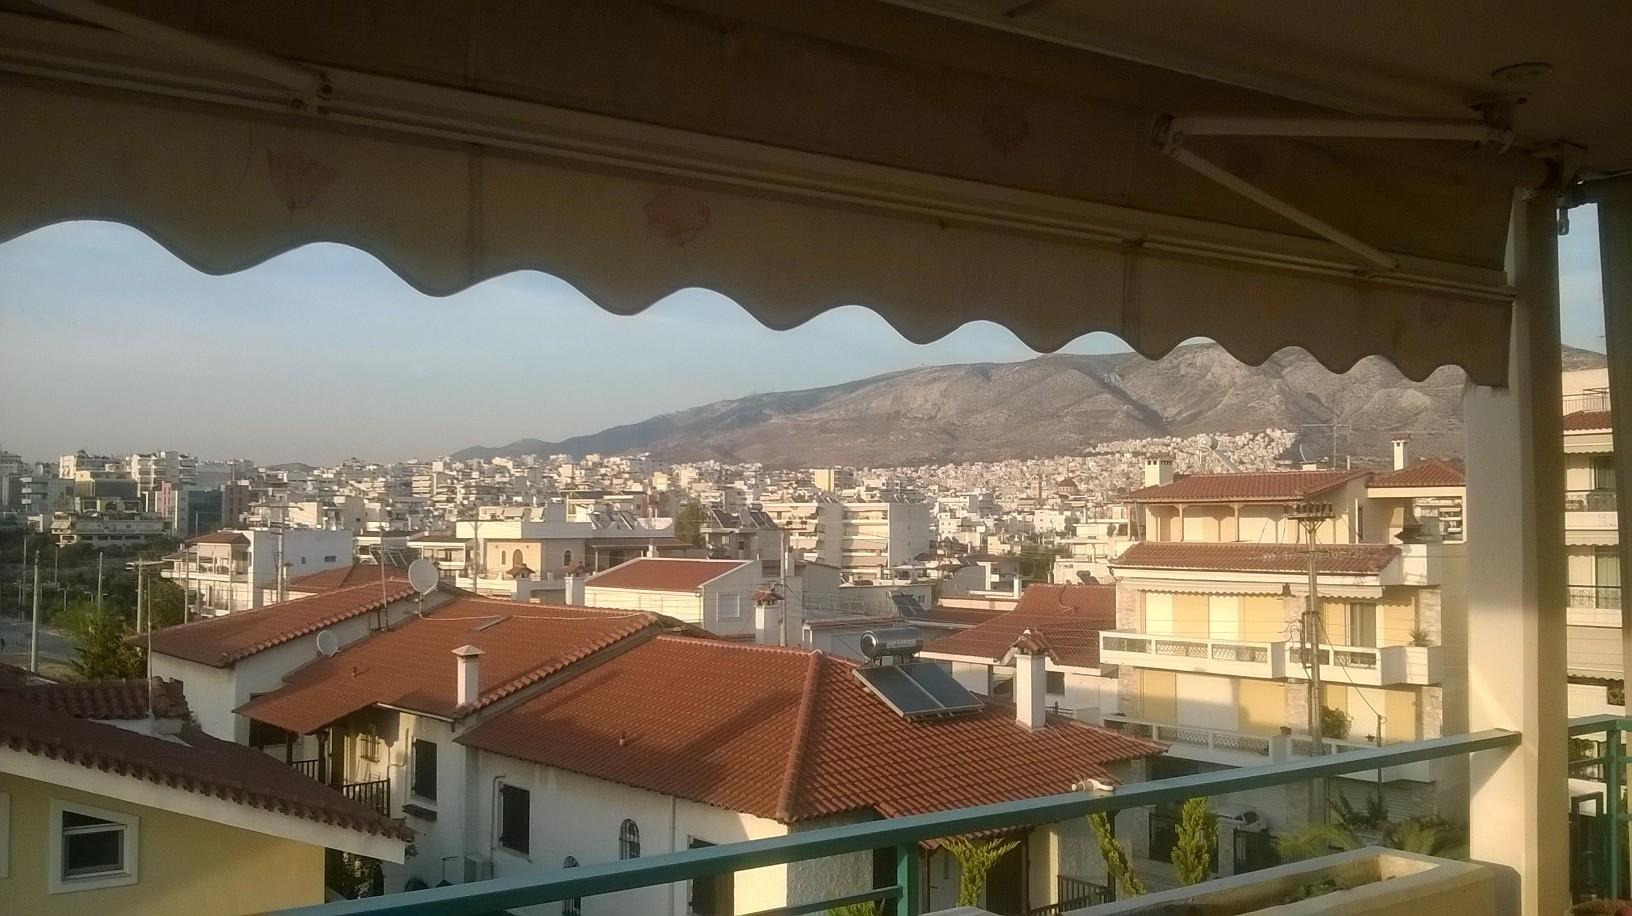 Ενοικίαση καλοκαιρινών διαμερισμάτων στην Ελλάδα (Αθήνα)